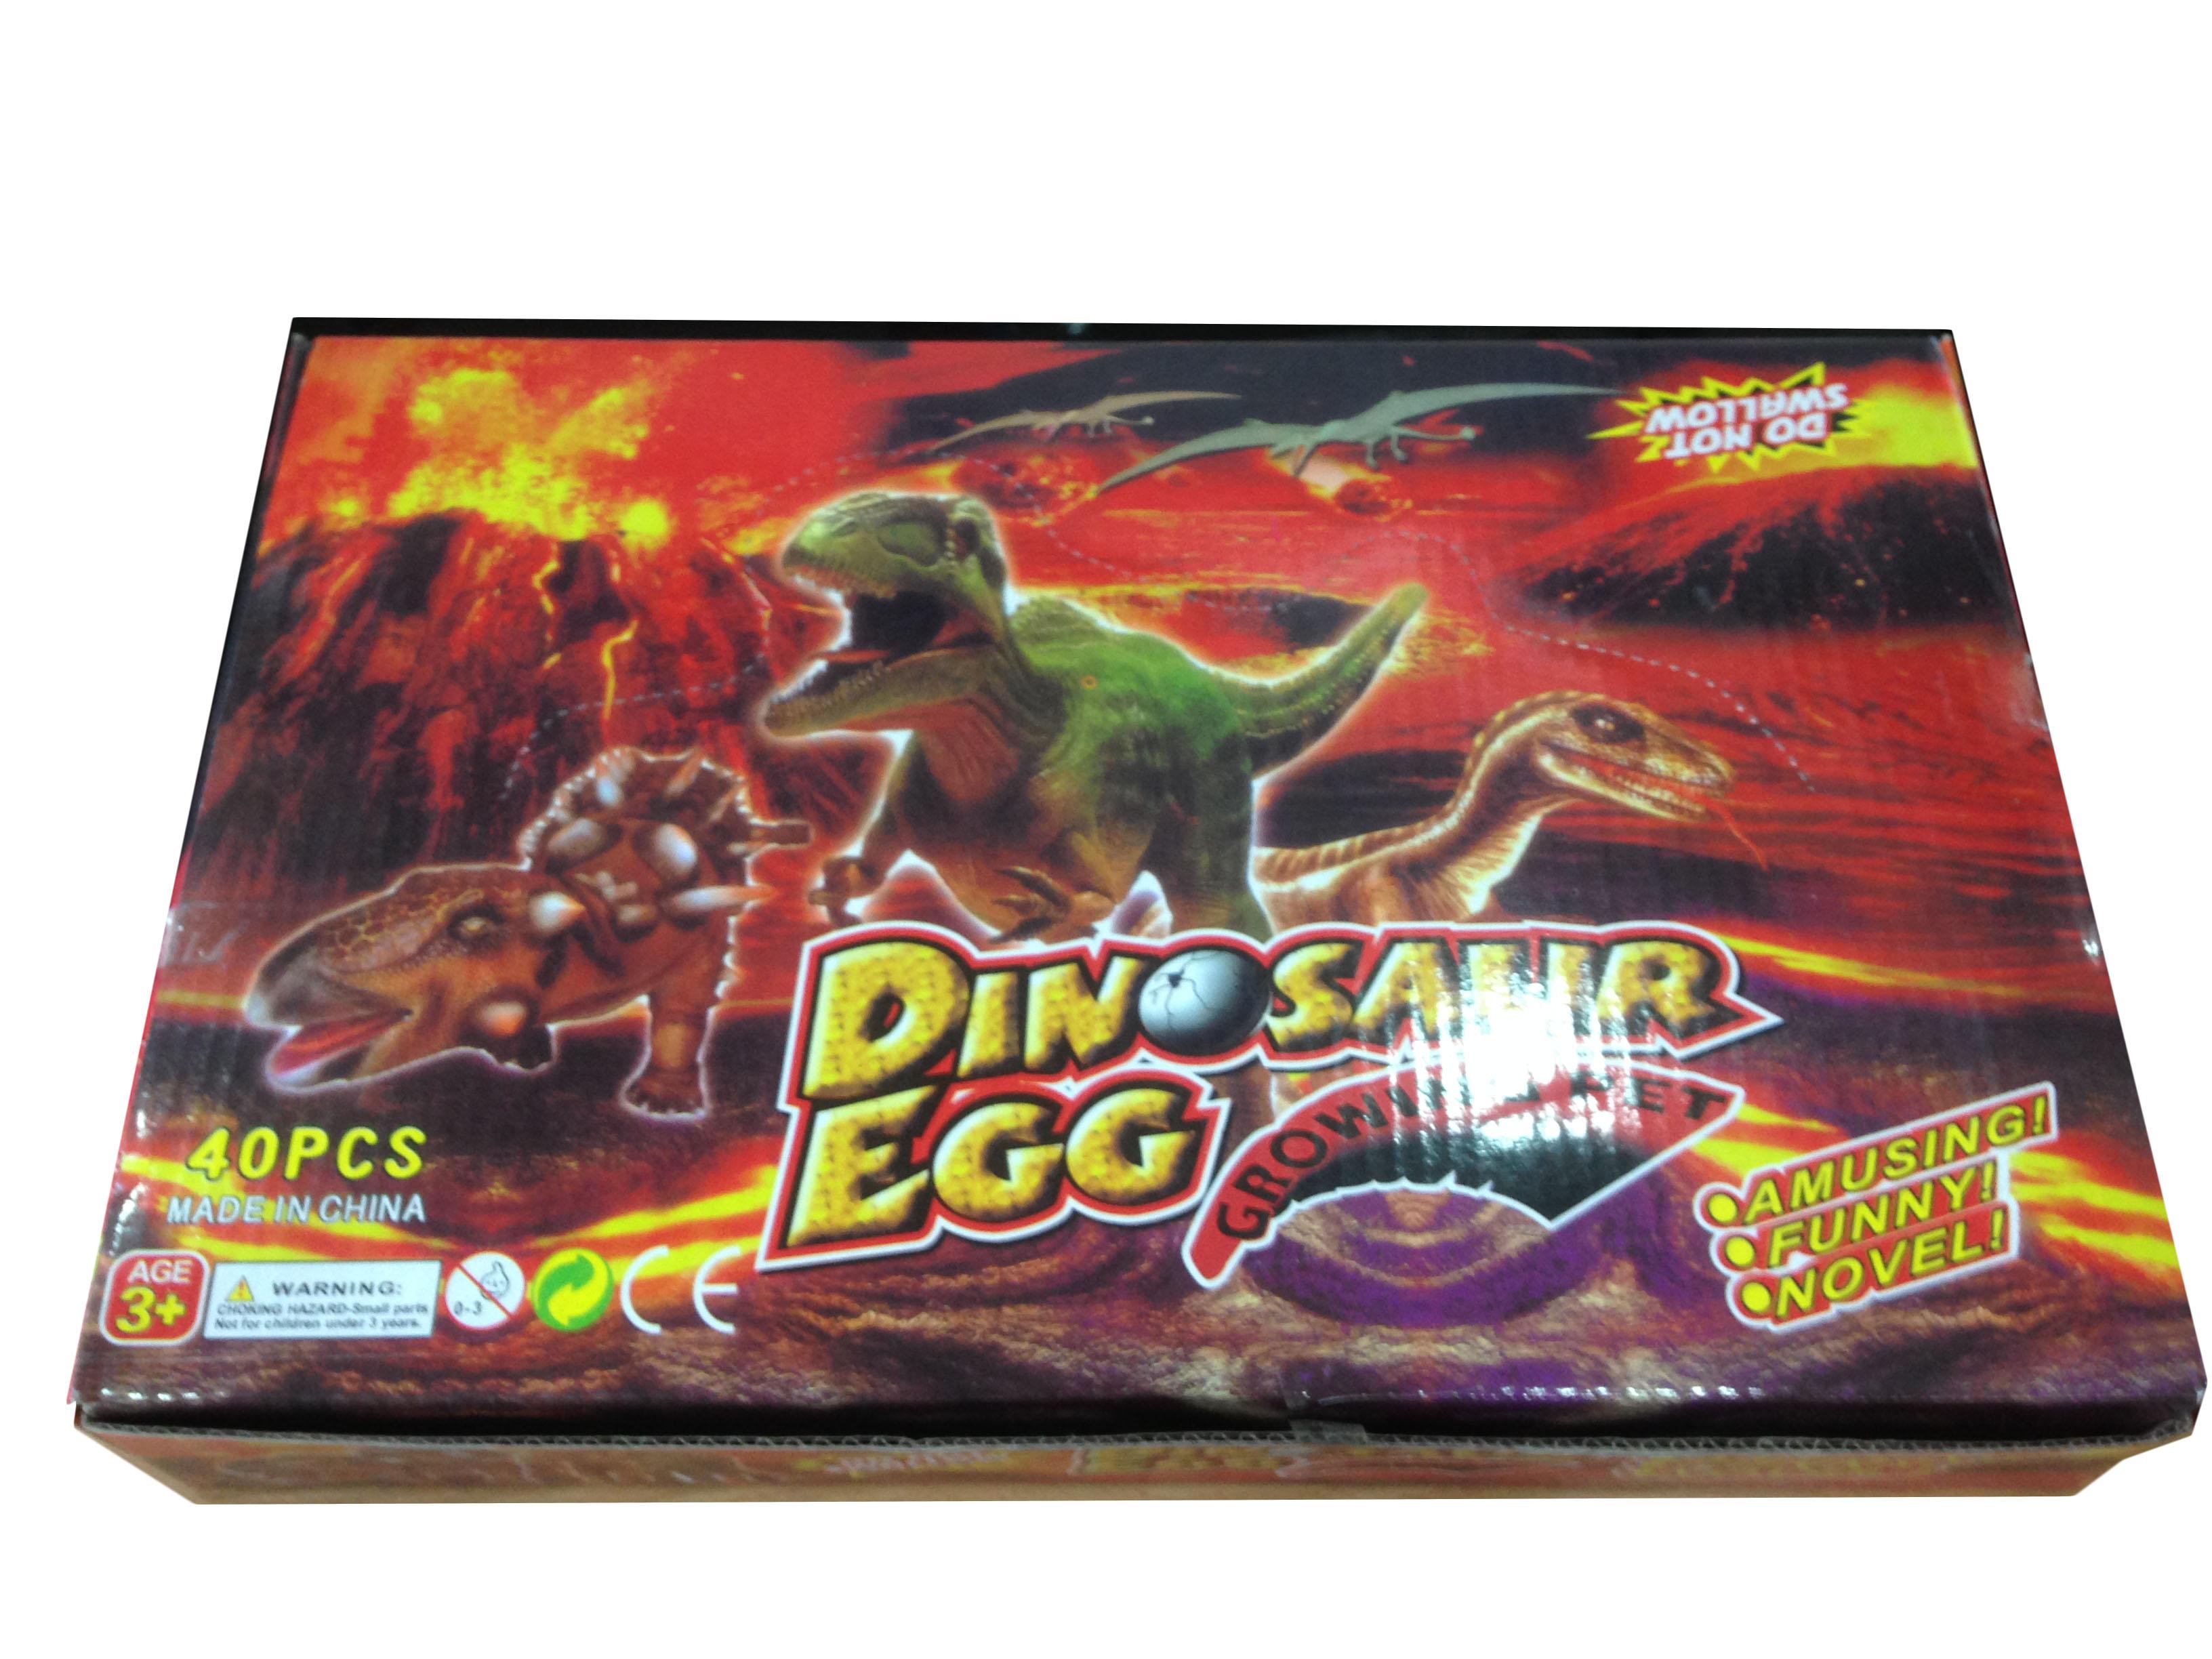 ไข่ไดโนเสาร์แช่น้ำขนาดกลางขนาดแพ้คใหญ่